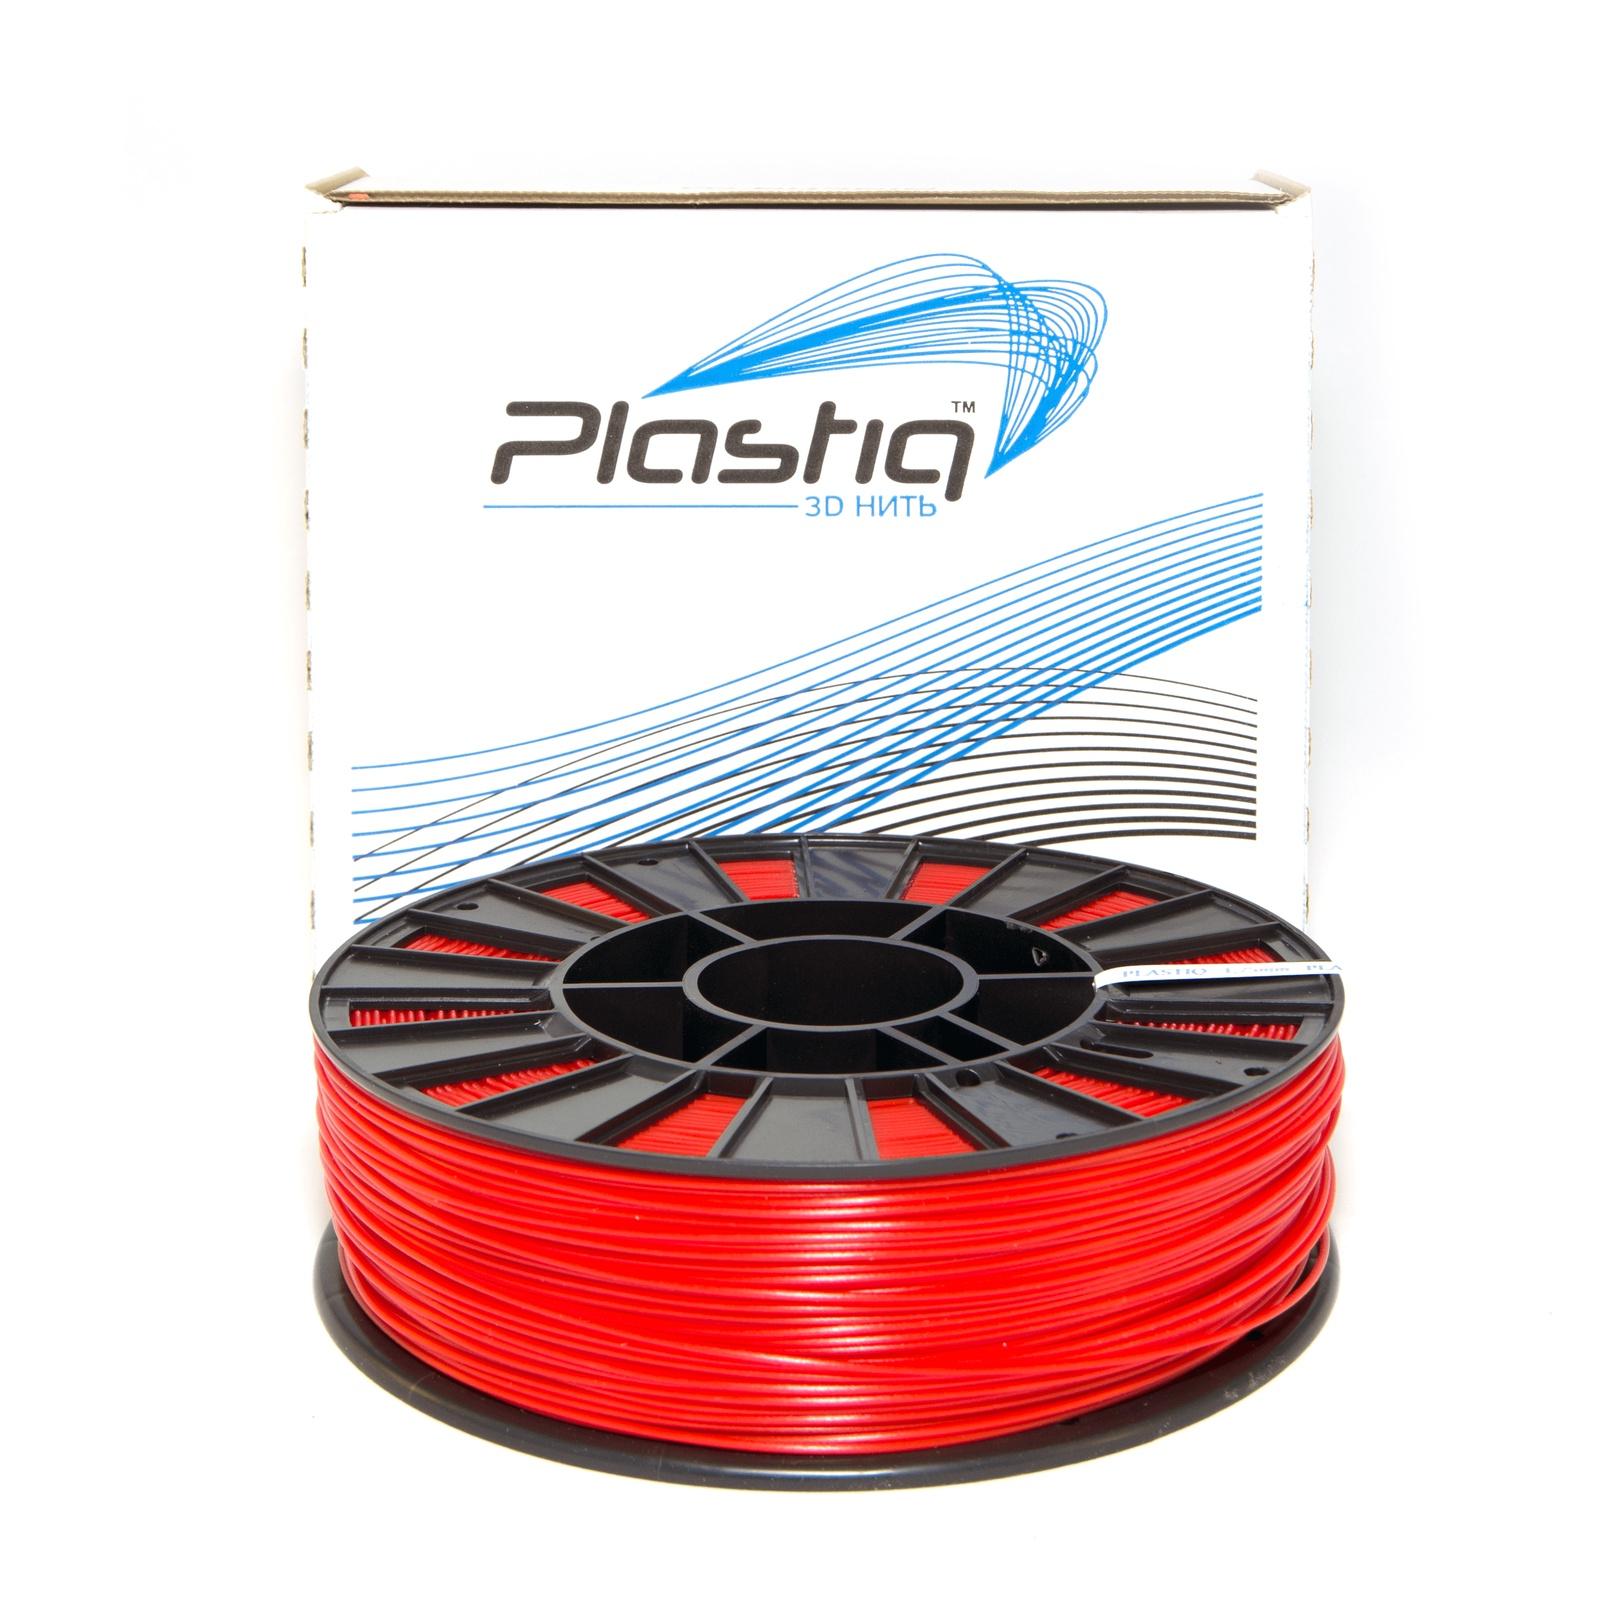 Пластик для 3D принтера Plastiq pqP900red, красный